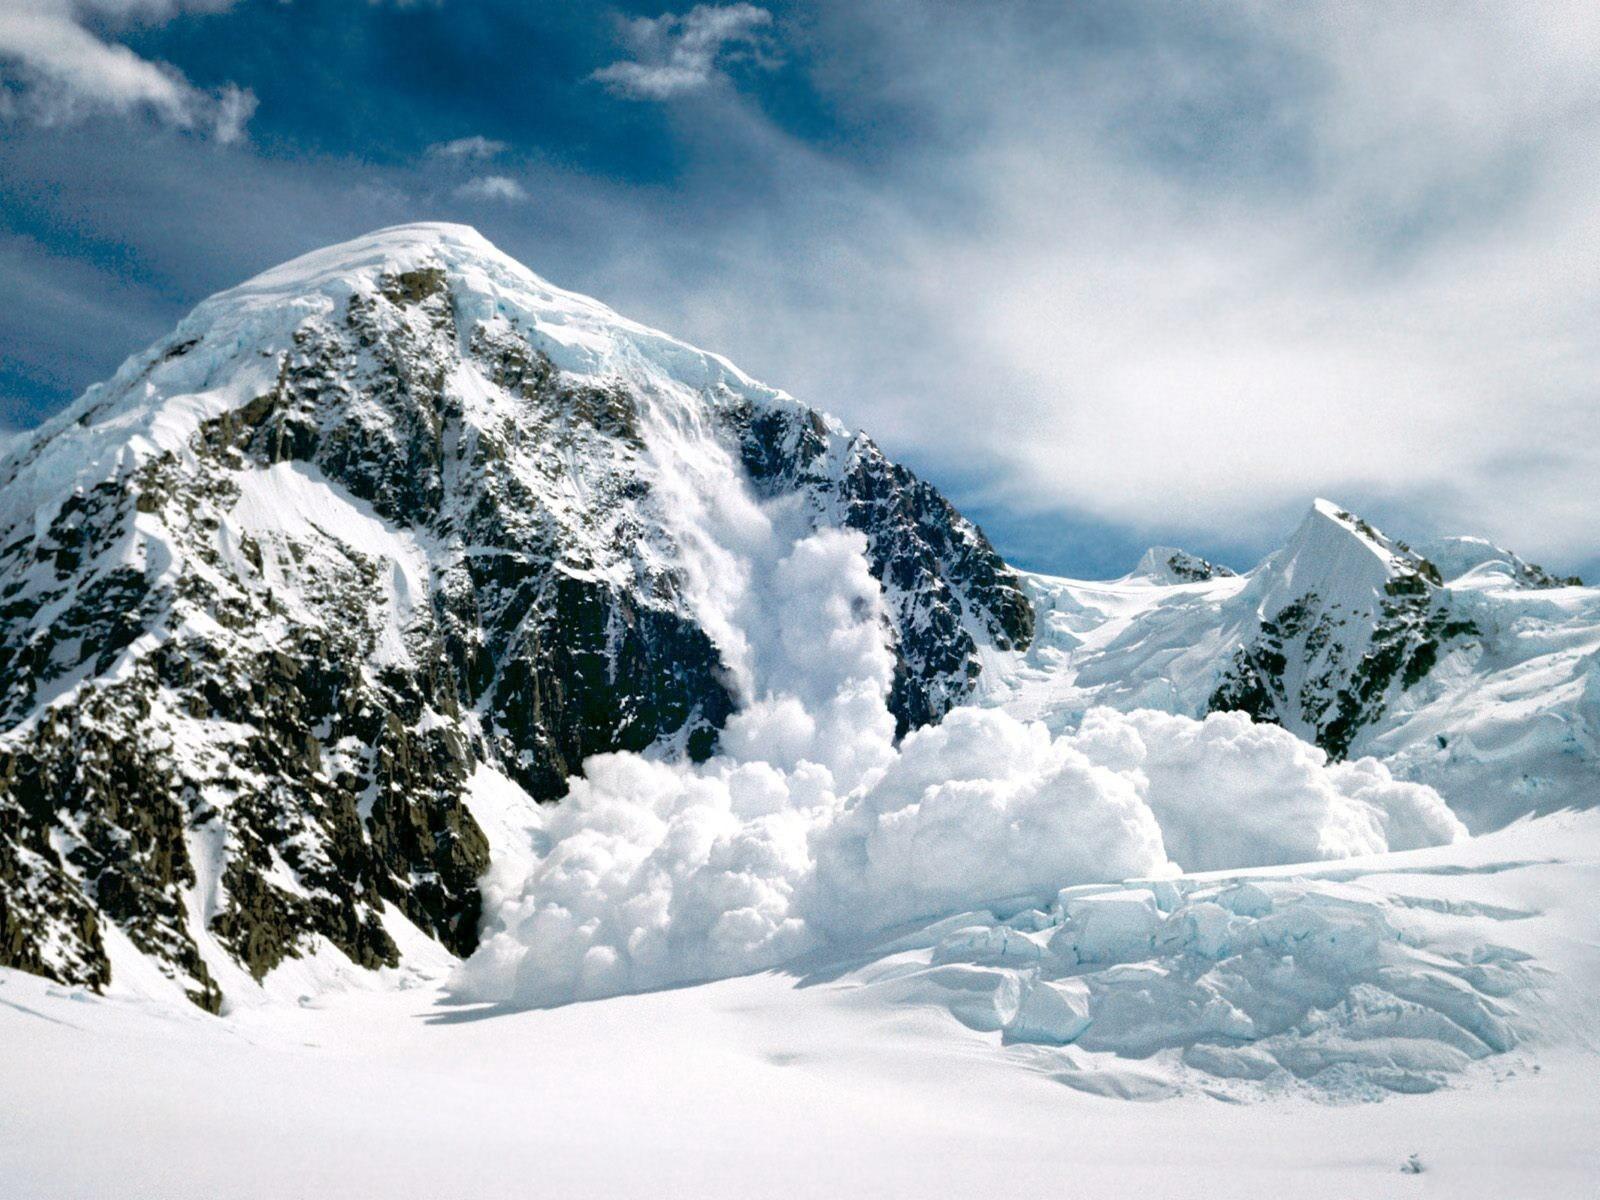 горы высота снег  № 385129 загрузить